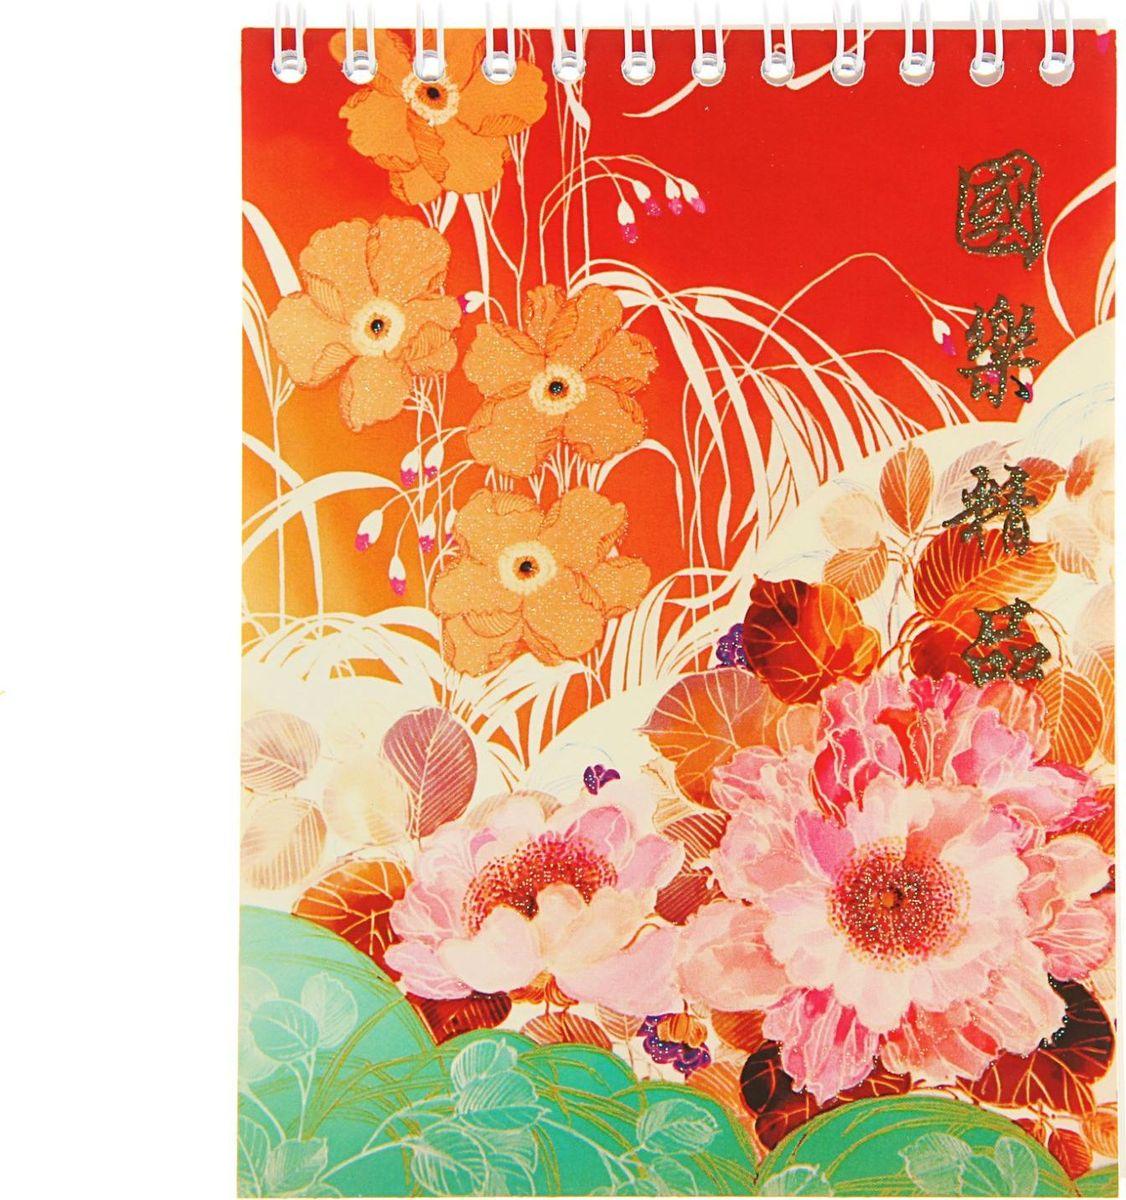 ТетраПром Блокнот Китайский шелк 40 листов730396Блокнот ТетраПром Китайский шелк - компактное и практичное полиграфическое изделие, предназначенное для записей и заметок. Такой аксессуар прекрасно подойдёт для фиксации повседневных дел.Это канцелярское изделие отличается красочным оформлением и придётся по душе как взрослому, так и ребёнку.